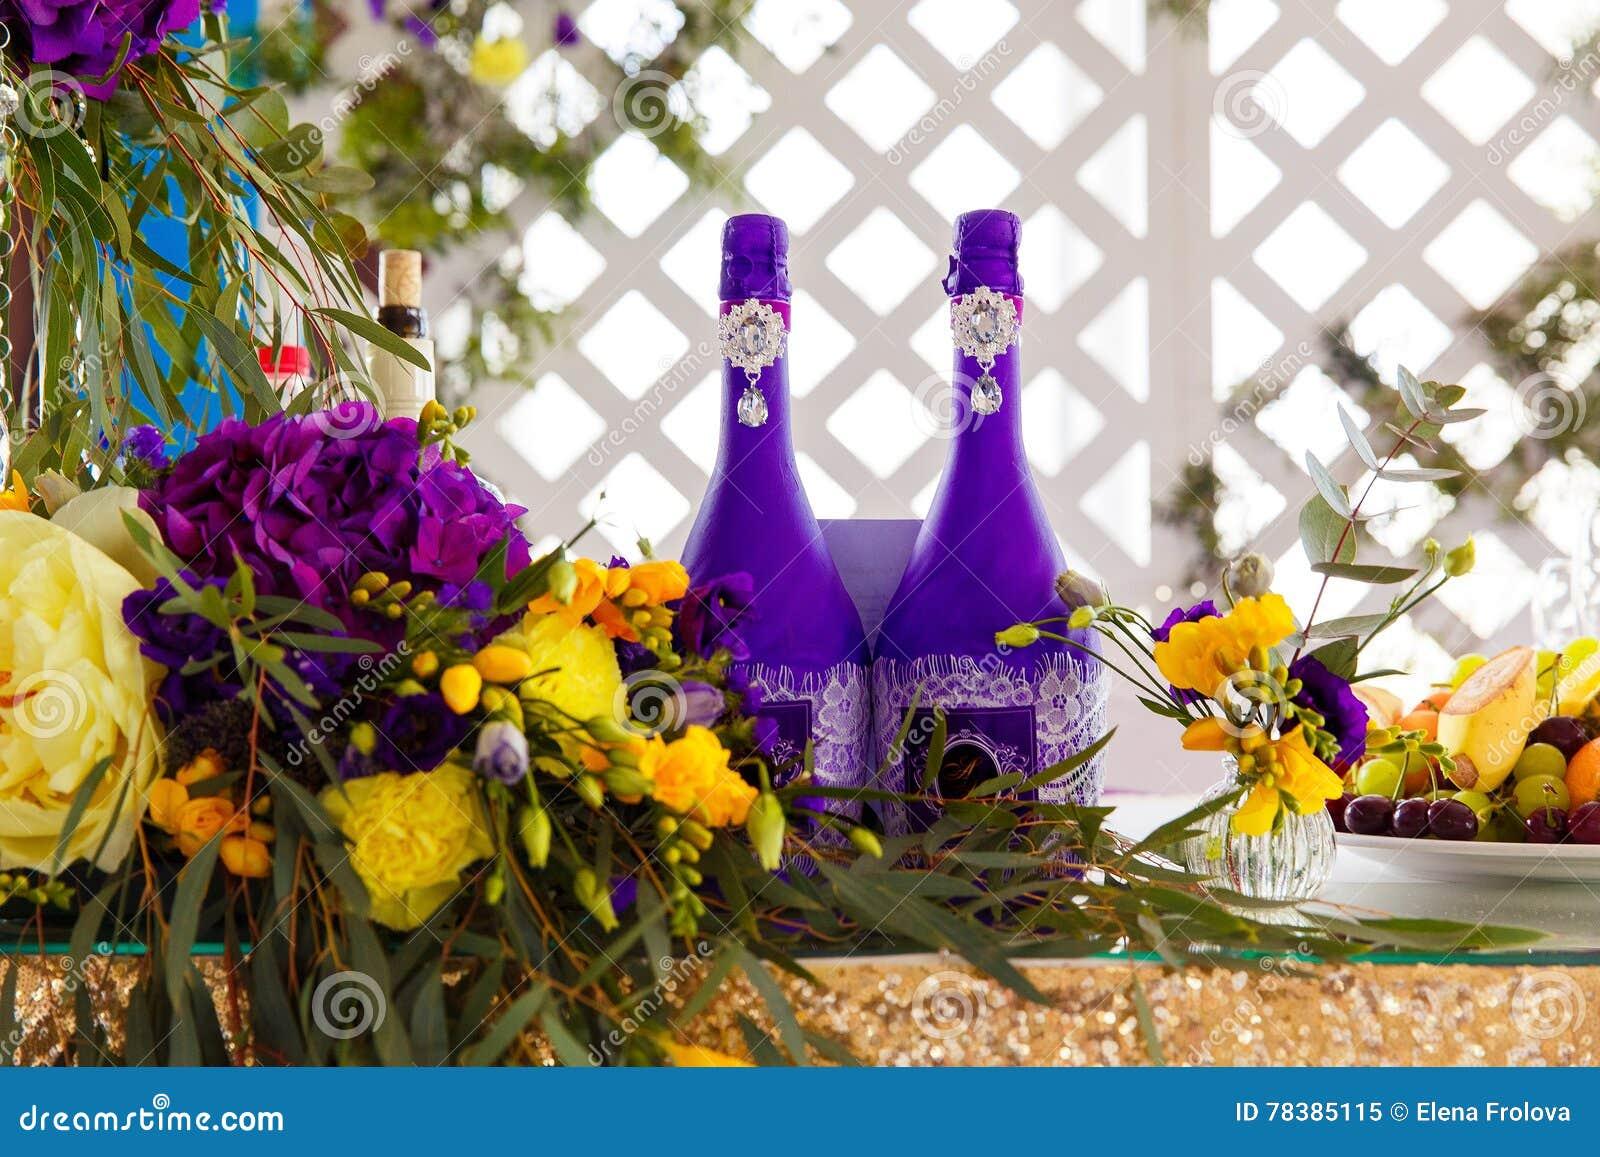 Arreglo Floral Para Adornar El Banquete De La Boda A La